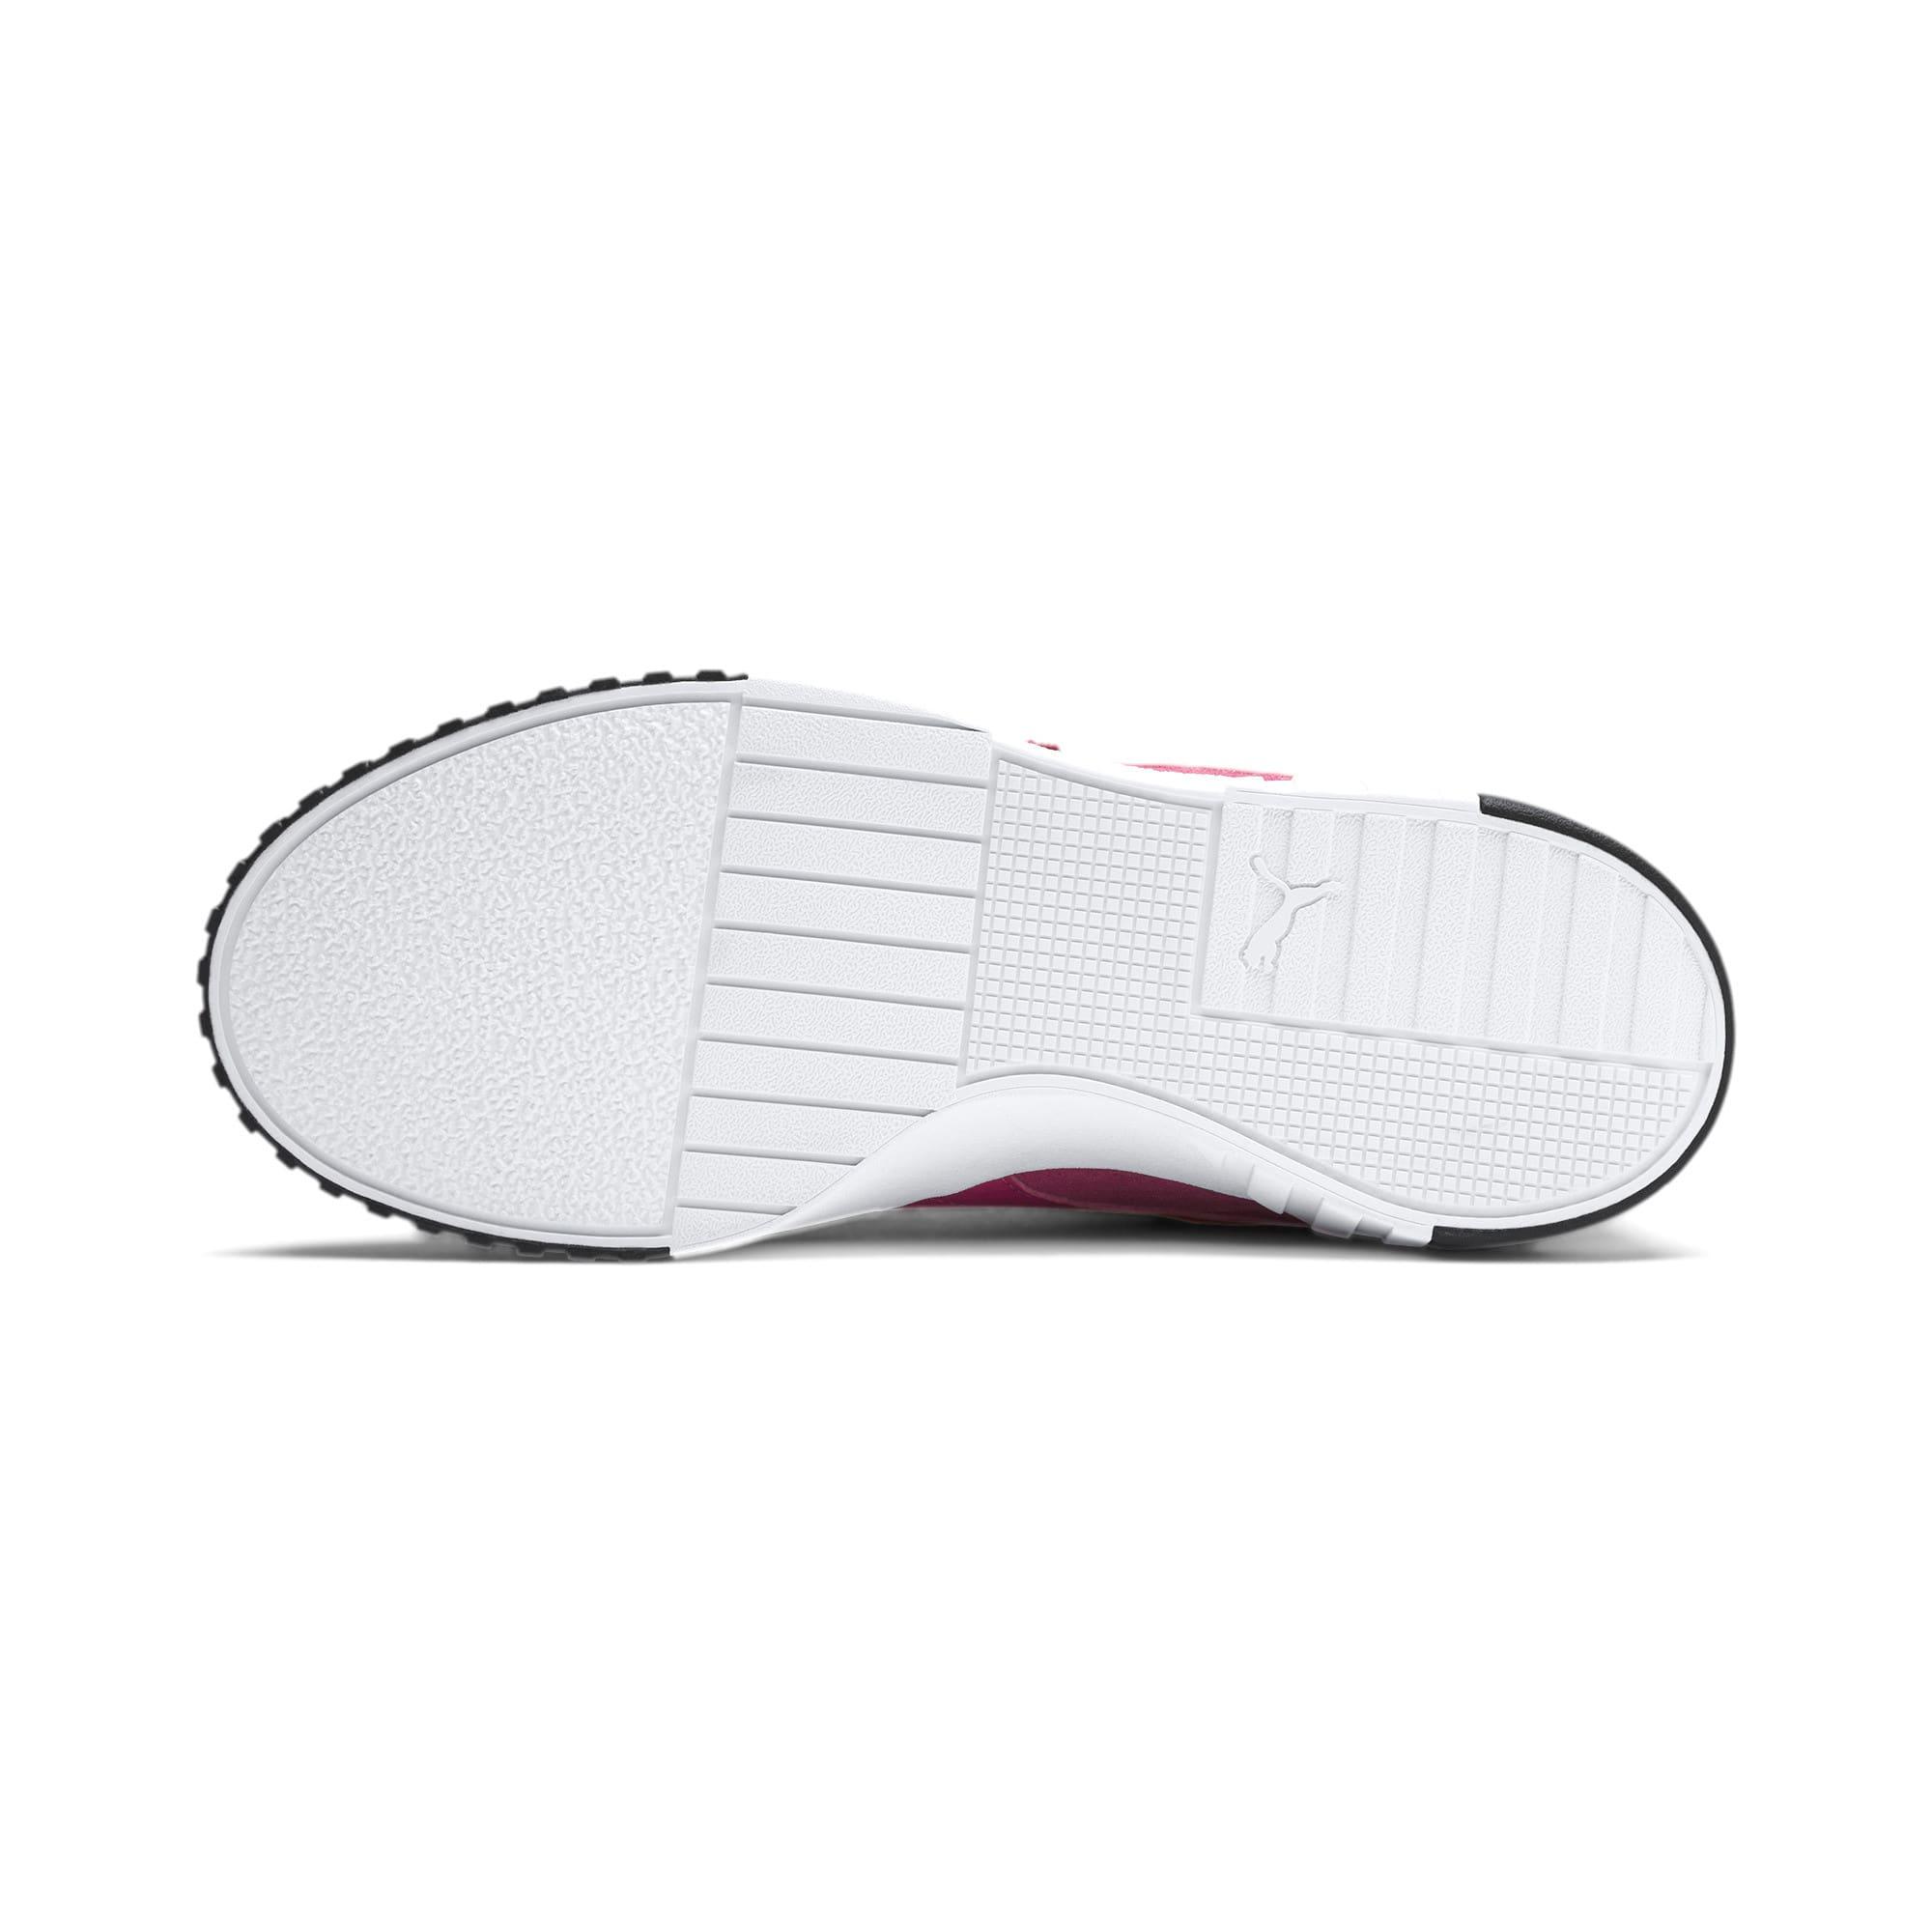 Miniatura 3 de Zapatos deportivos Cali Suede de mujer, Fuchsia Purple, mediano